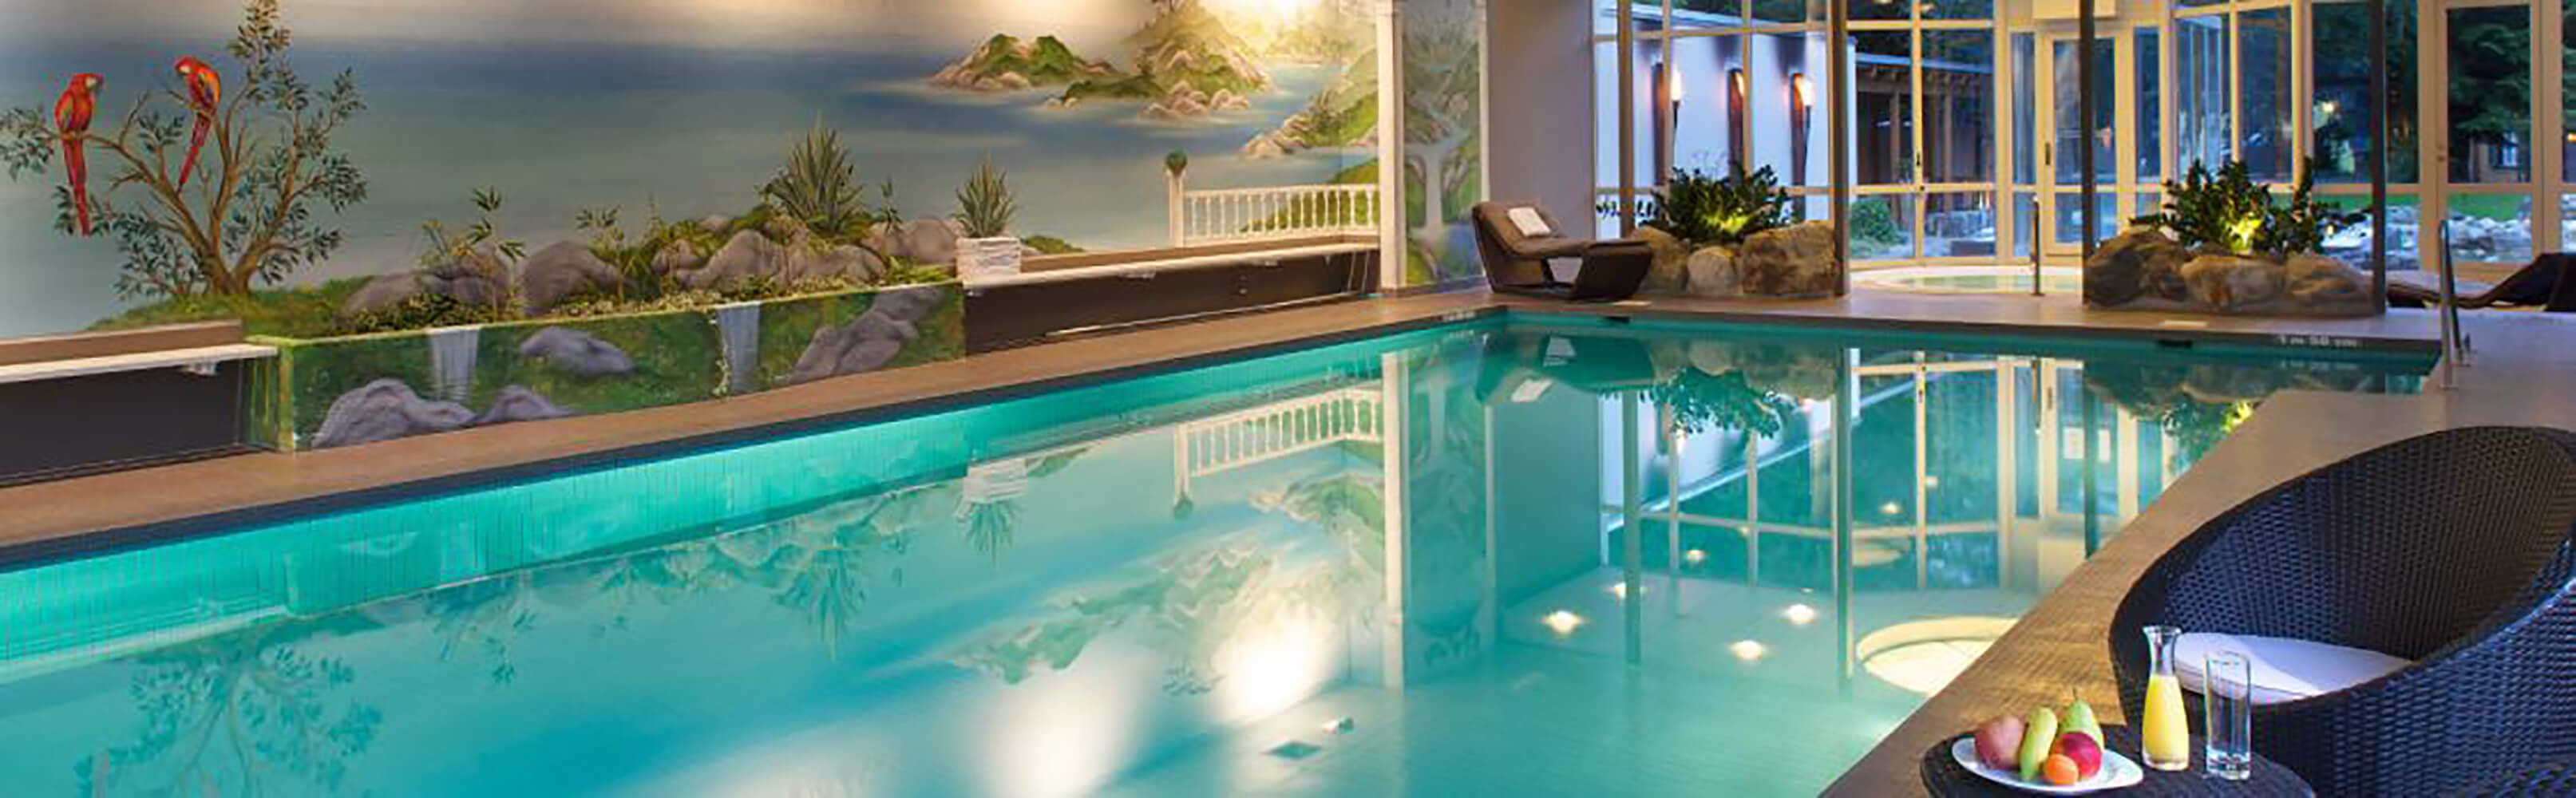 Wellness im Hotel Belvedere Grindelwald - Entspannung für die ganze Familie 1